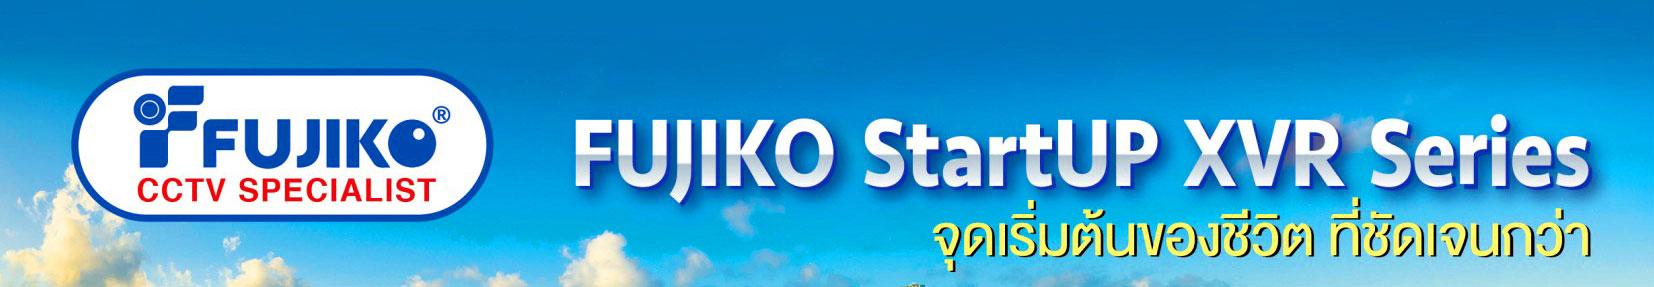 กล้องวงจรปิด Fujiko